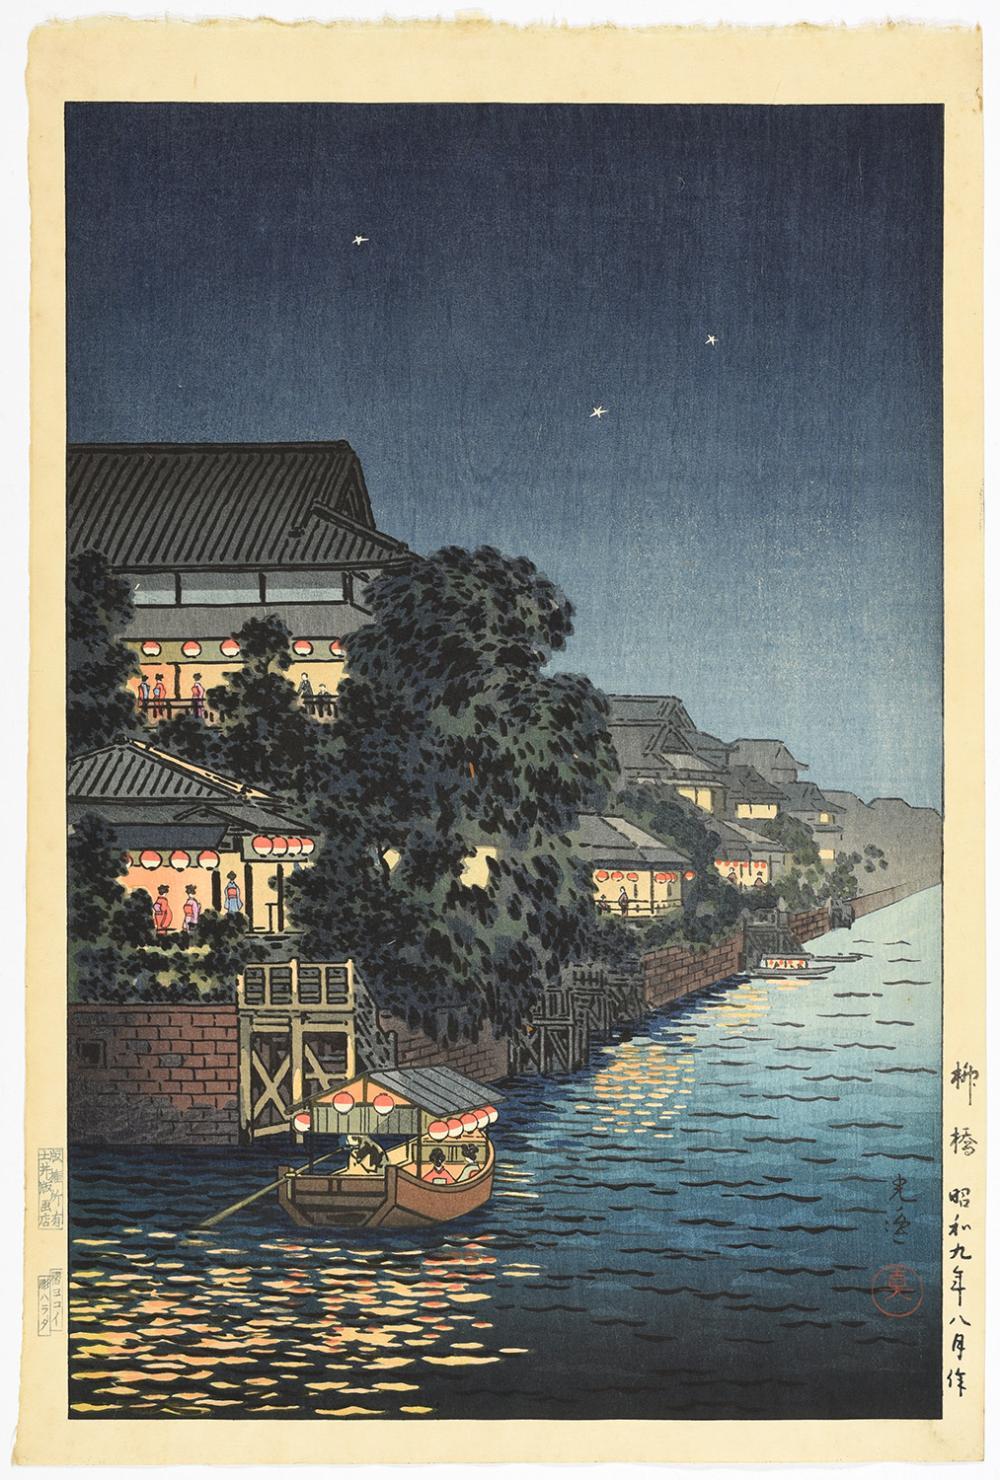 Koitsu Tsuchiya (Japanese, 1870 - 1949), Yanagibashi, woodblock print on paper